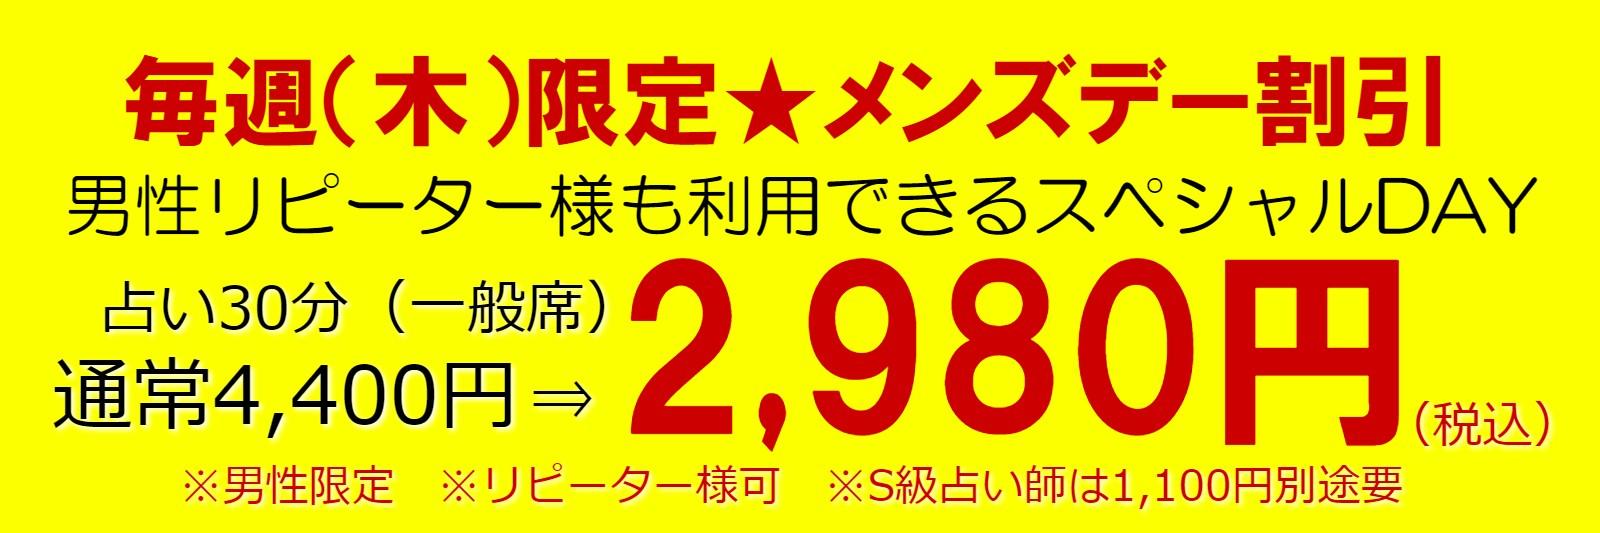 東京渋谷占いなら毎週(木)限定・メンズデー割引・男性リピーター様も利用できるスペシャルデーがオススメ!30分2980円でご案内中!